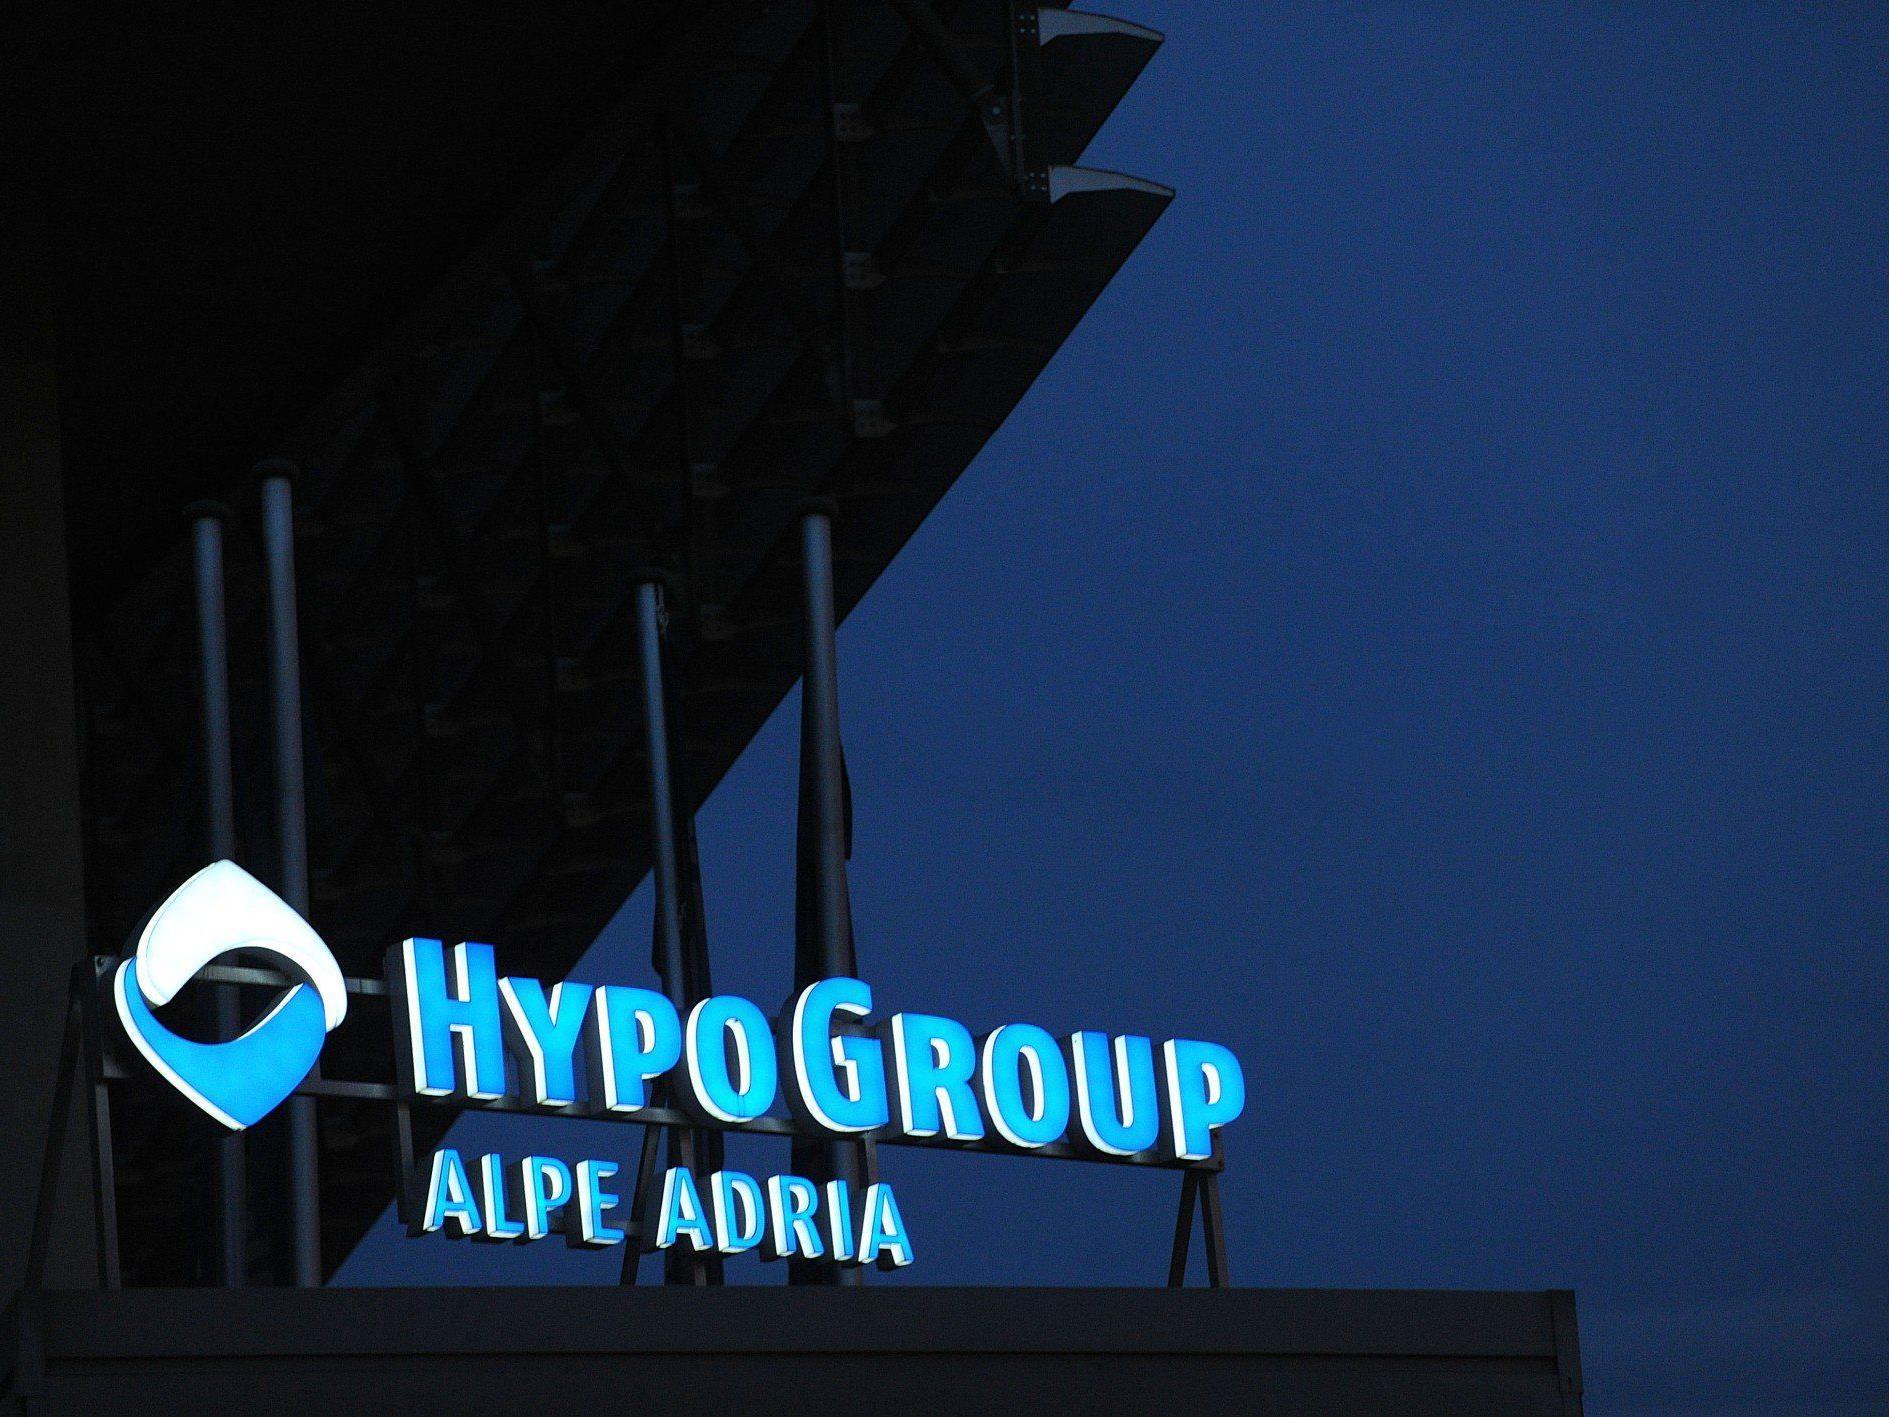 Kein Licht am Horizont - die Hypo Alpe Adria verlor 860 Mio. Euro.